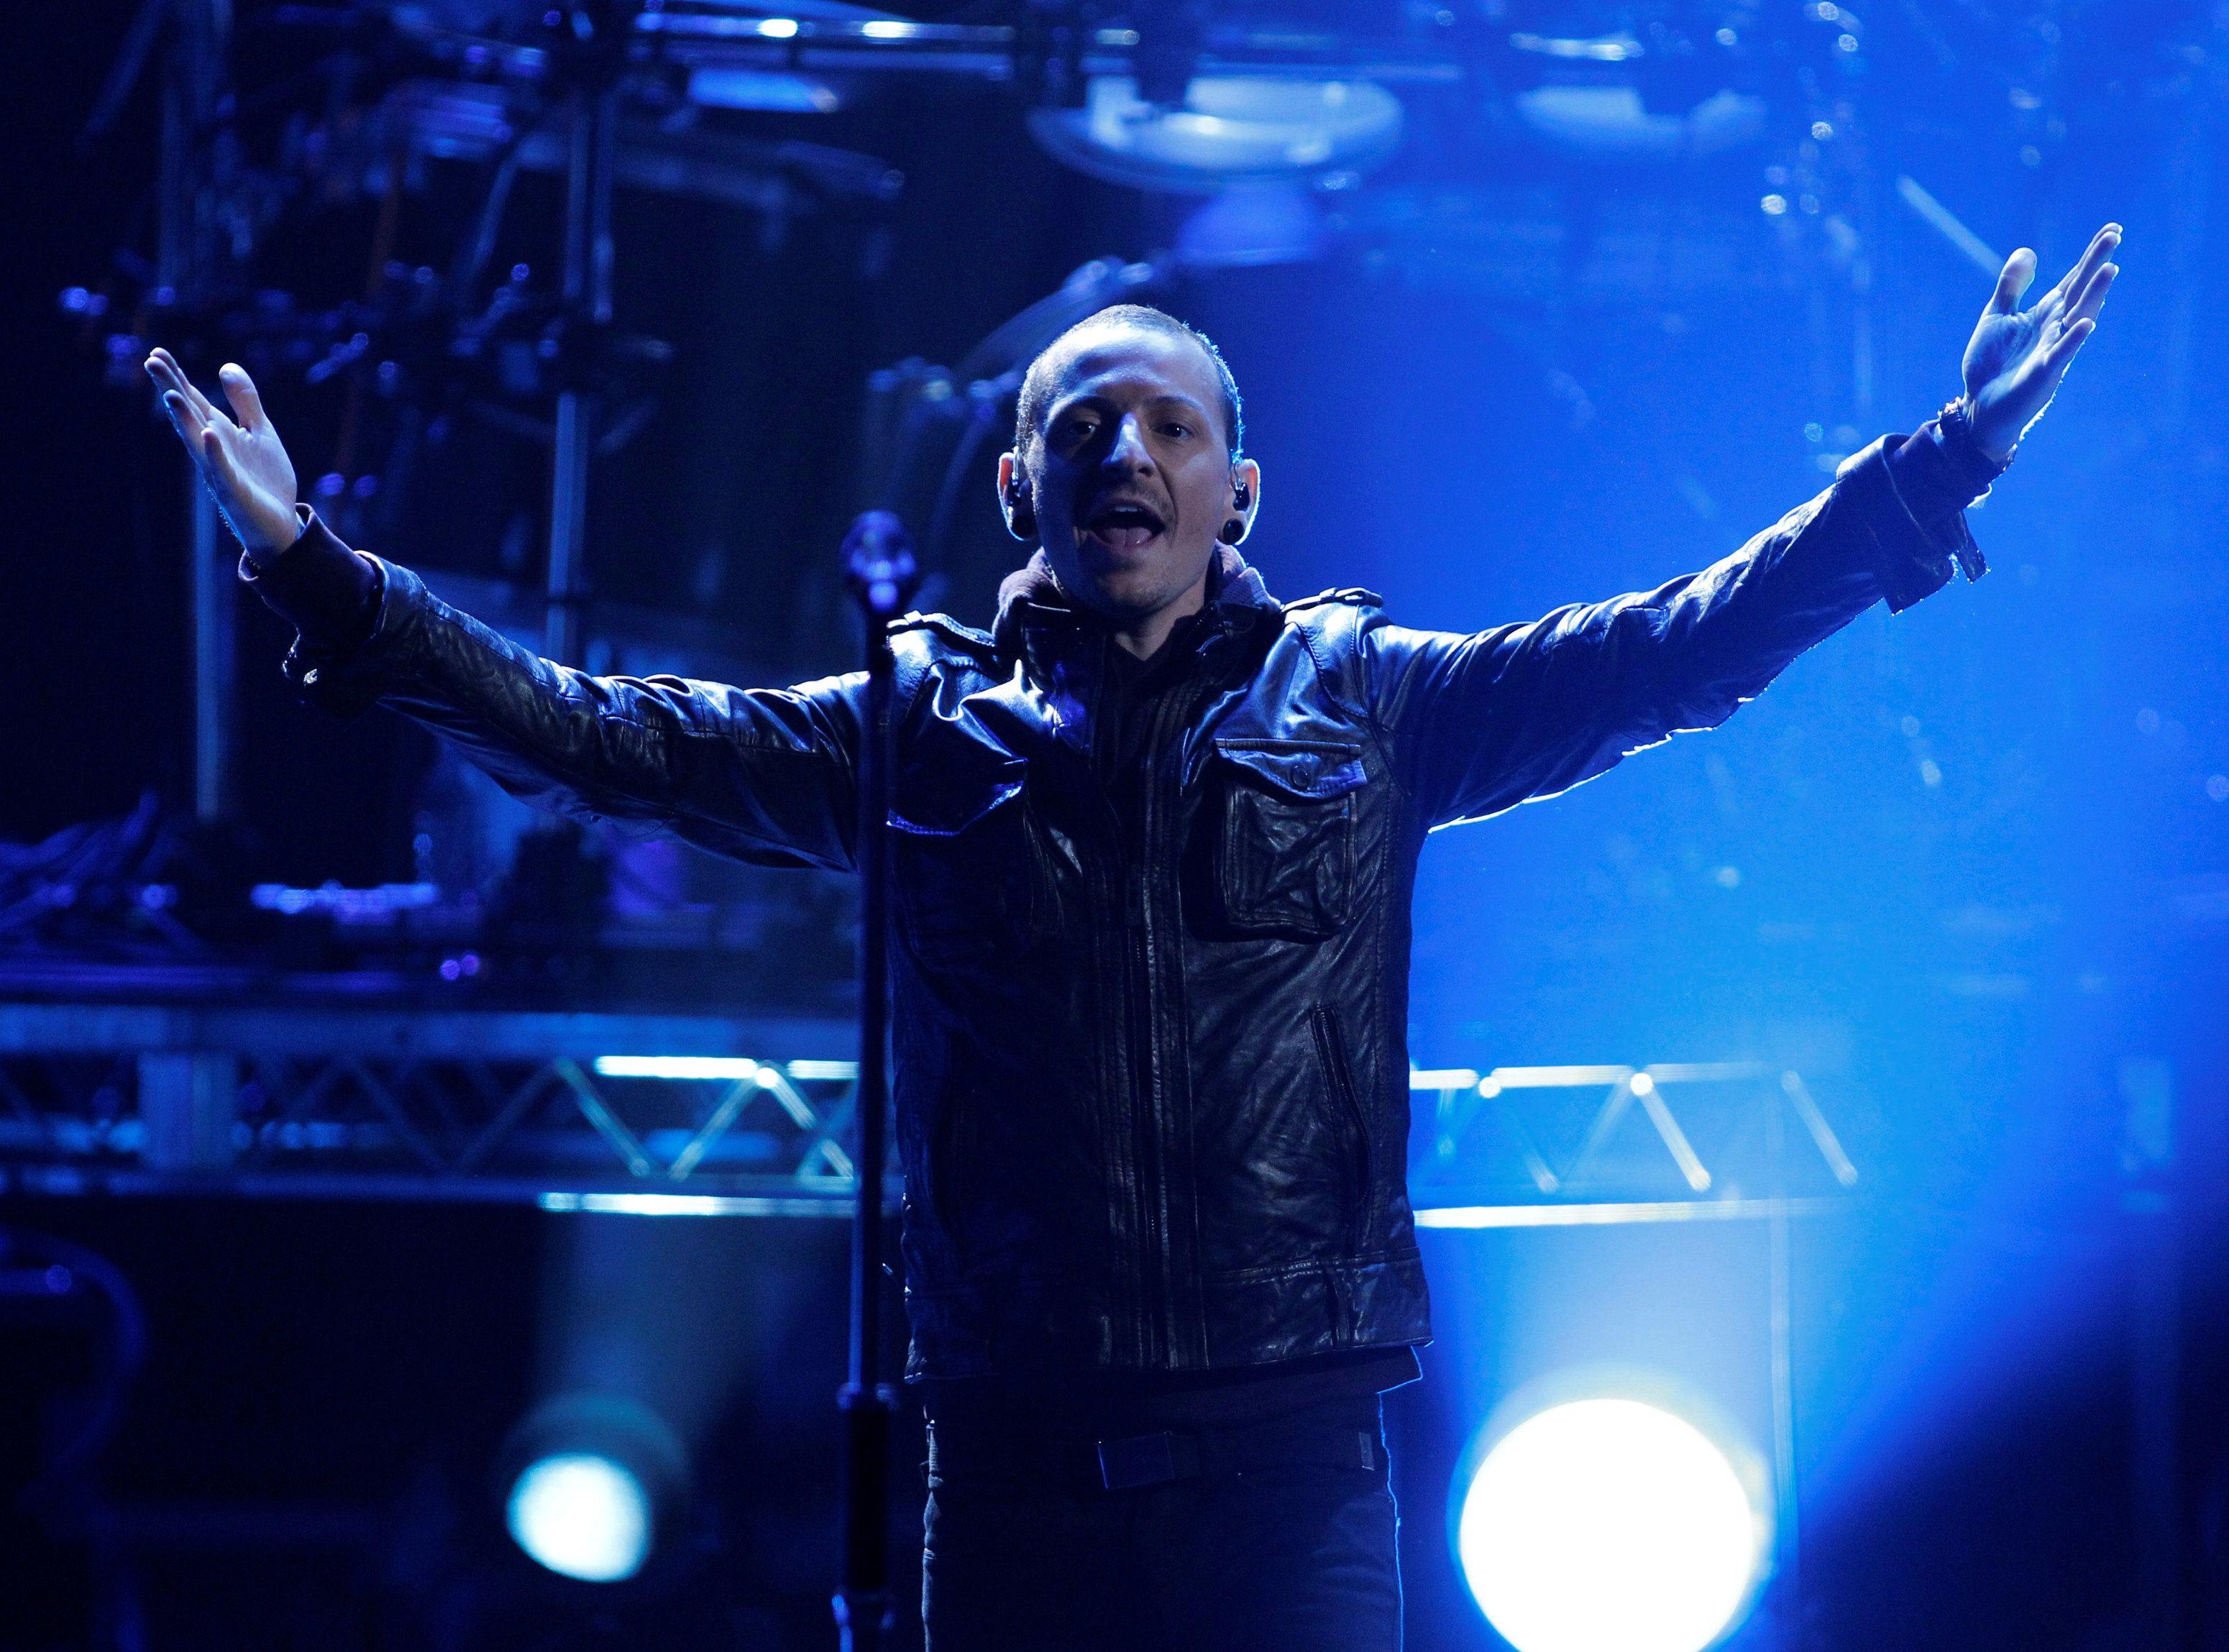 В сети появилось последнее шоу с лидером Linkin Park и первый после его смерти снимок репетиции группы